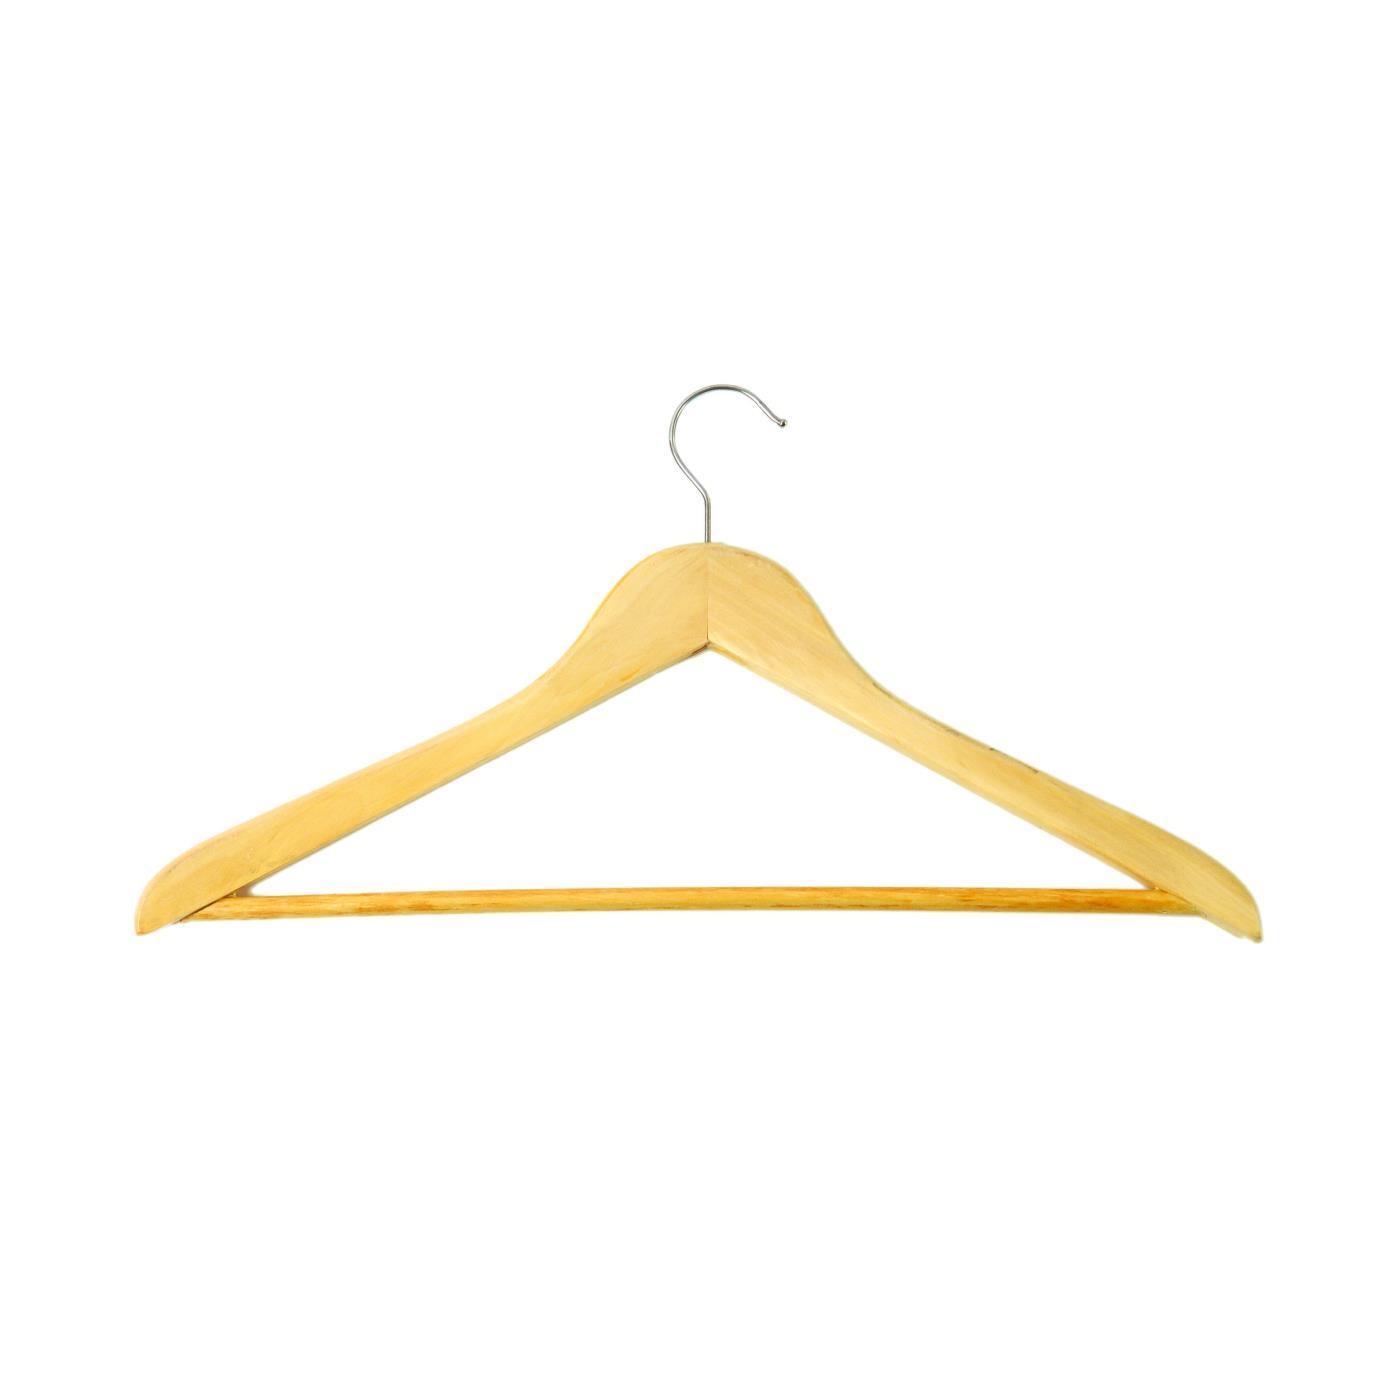 Individual Wooden Hanger